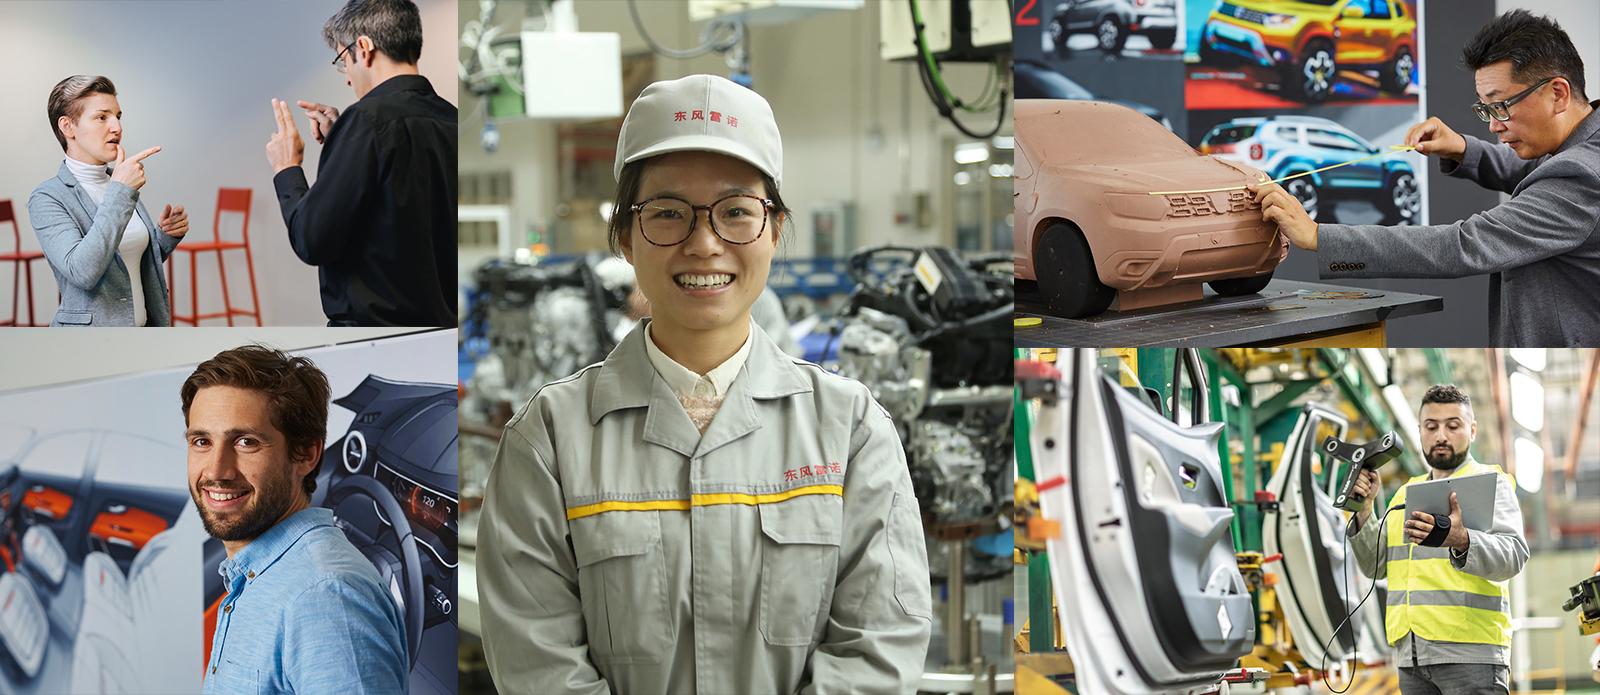 La richesse du Groupe Renault : la diversité culturelle